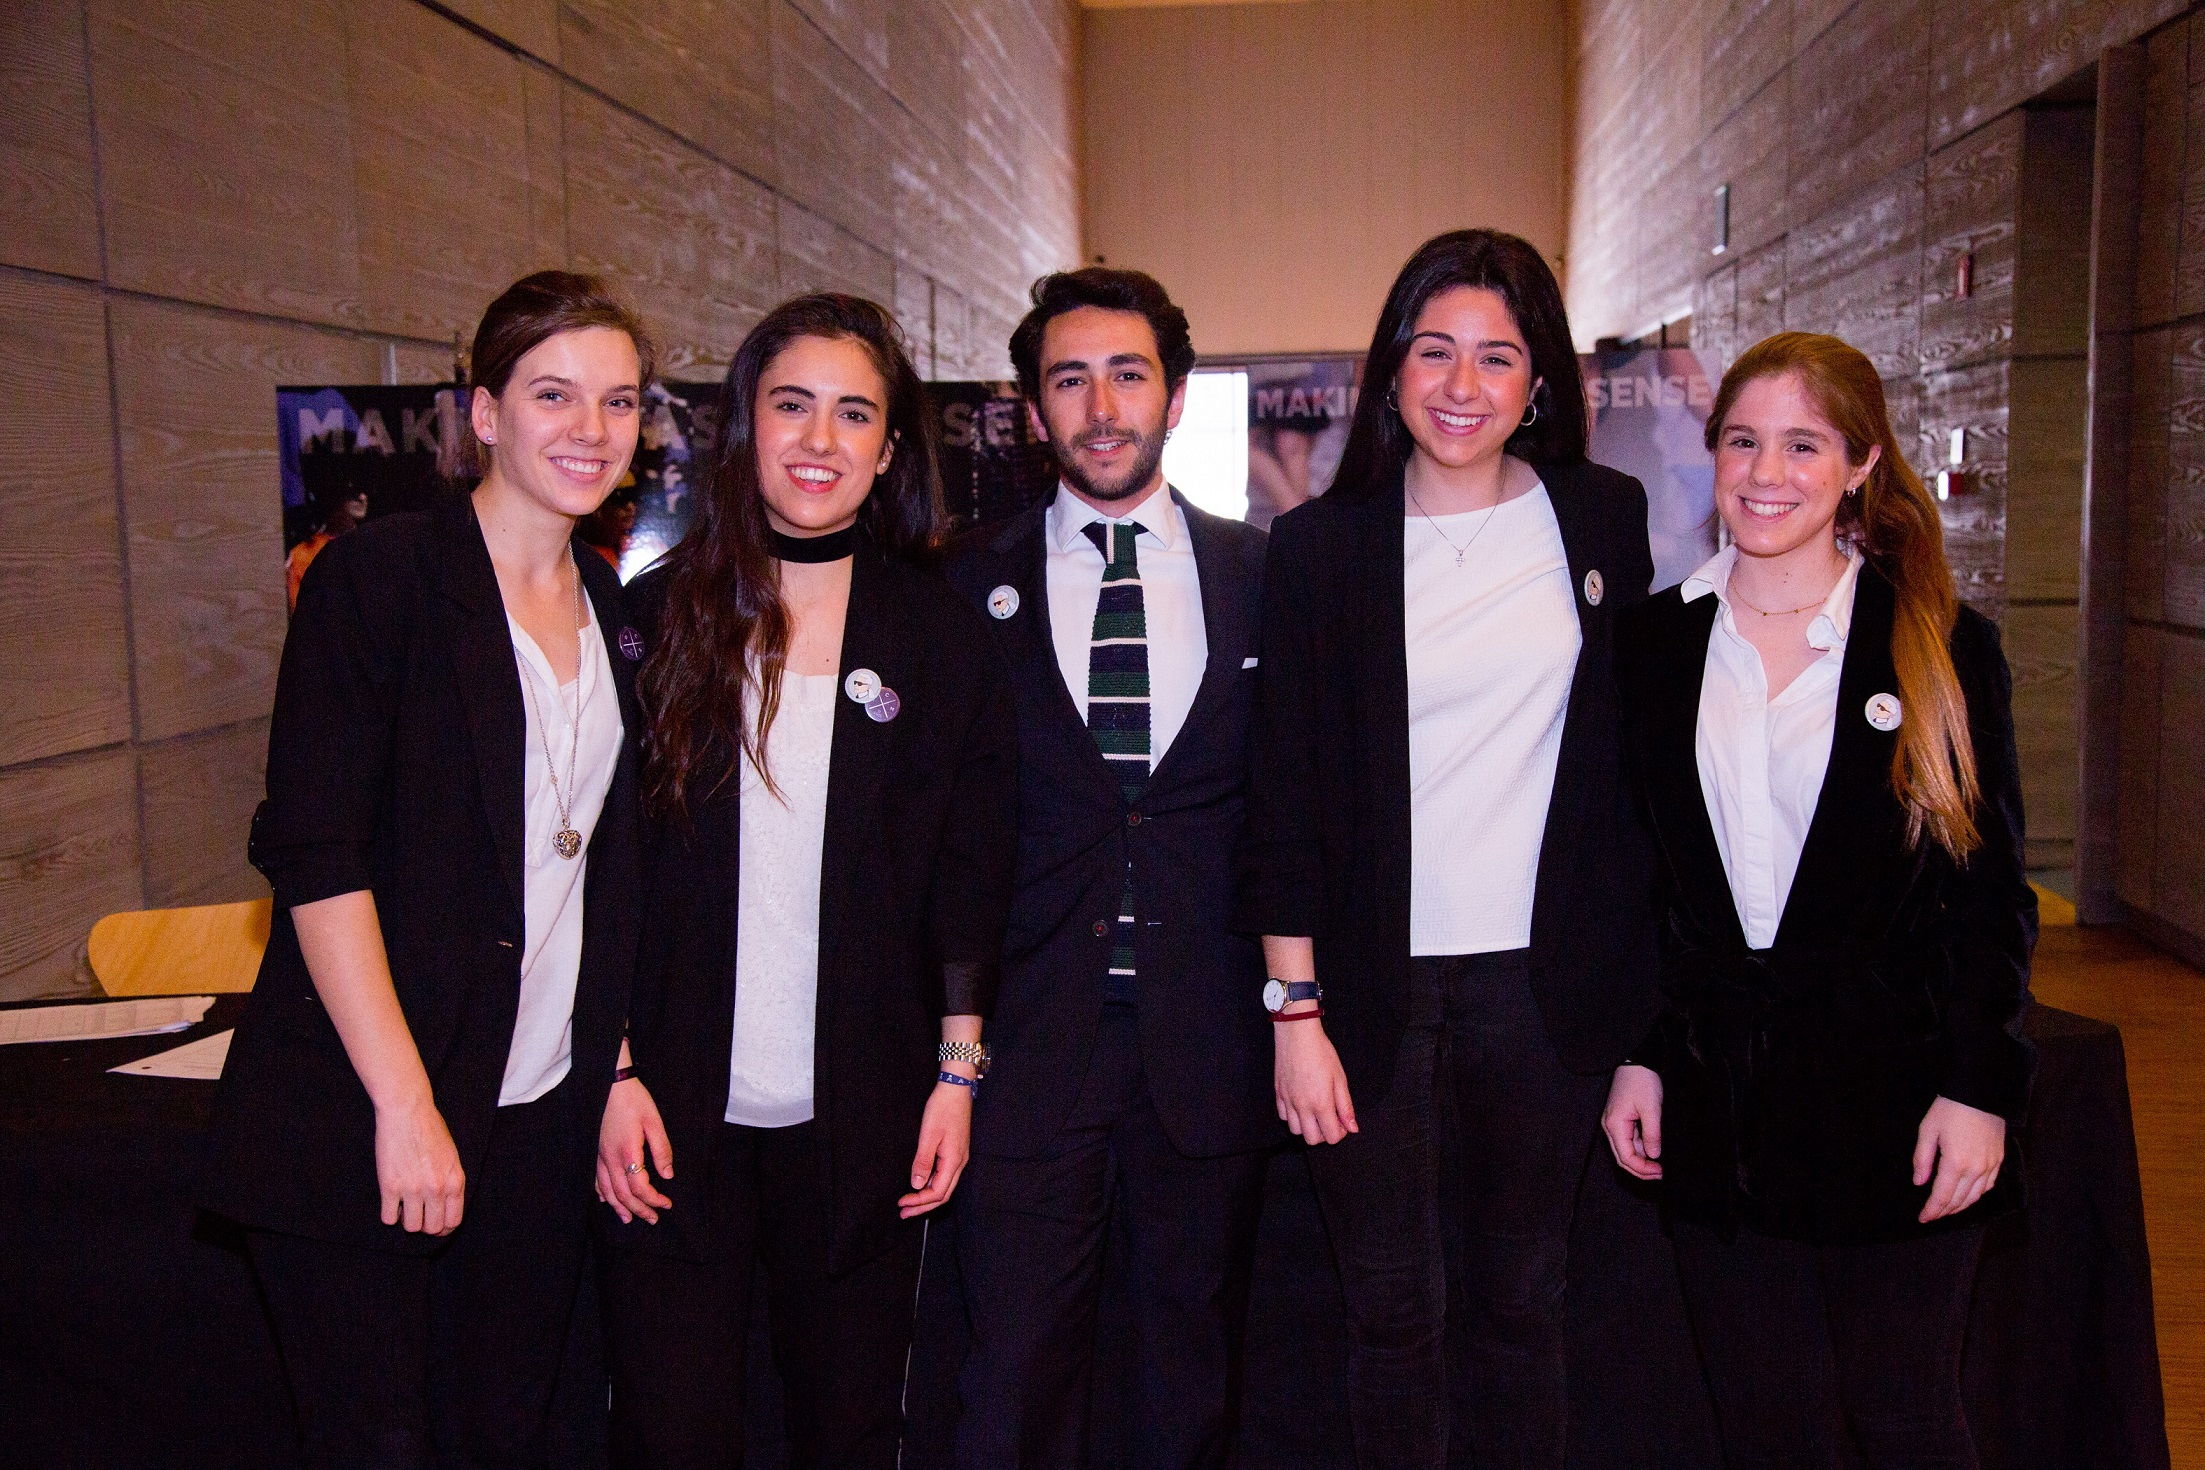 Equipo de azafatos: Anna Bachiller, Mónica Valero, Pablo Alarcón, María Belmonte y Pilar Rodríguez